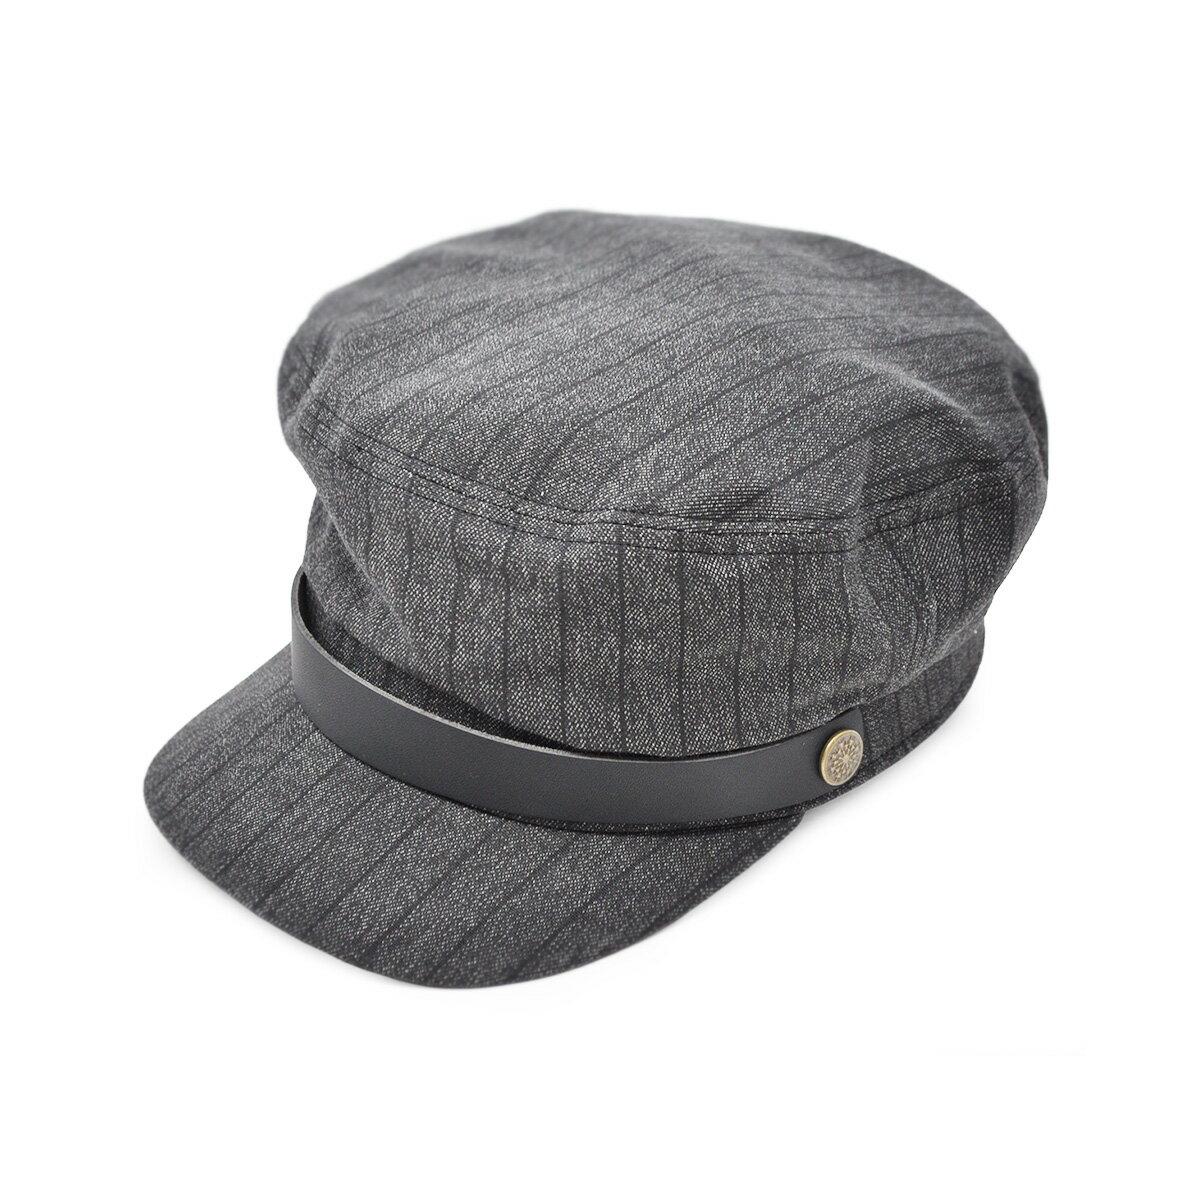 メンズ帽子, キャップ  1101:595 WHISTLE FISHERMANS CAP 5North No Name